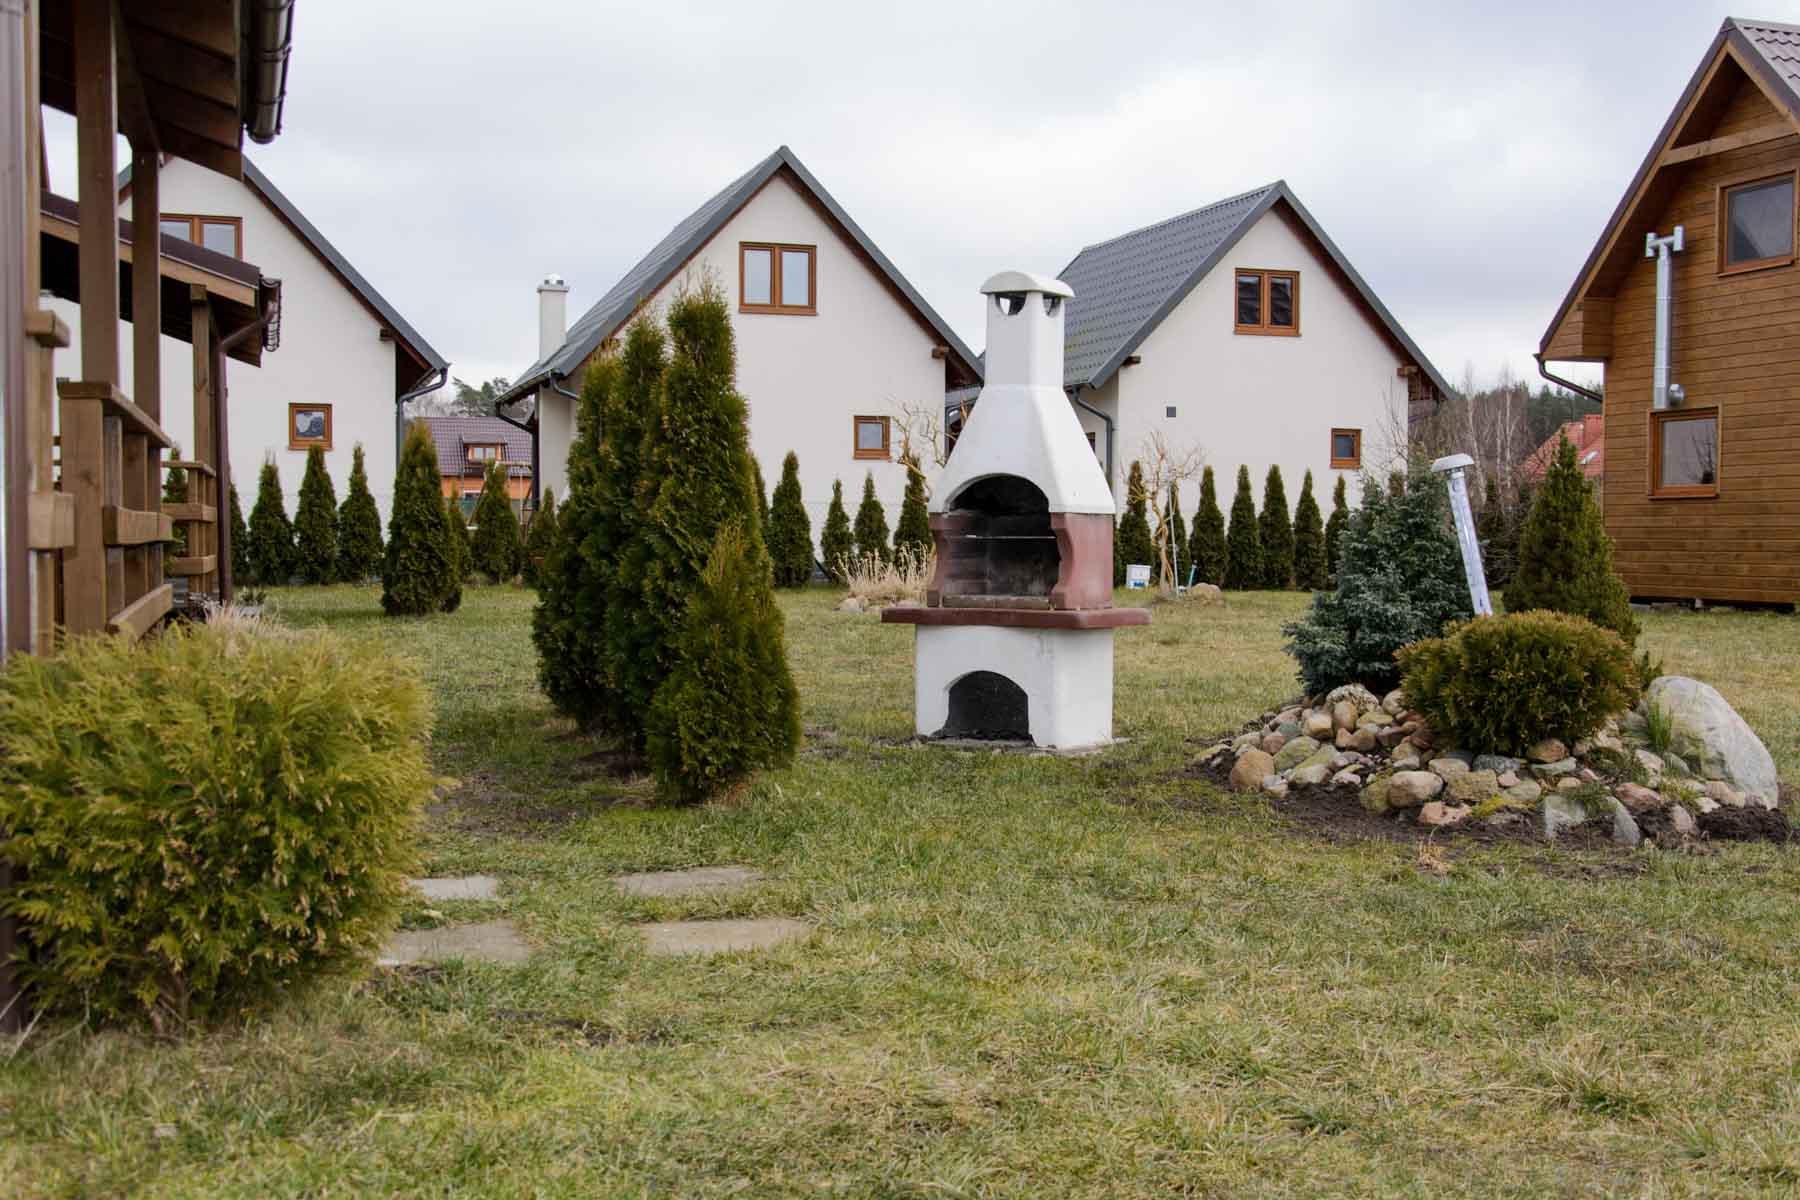 Domki letniskowe na działce z dużą ilością zieleni